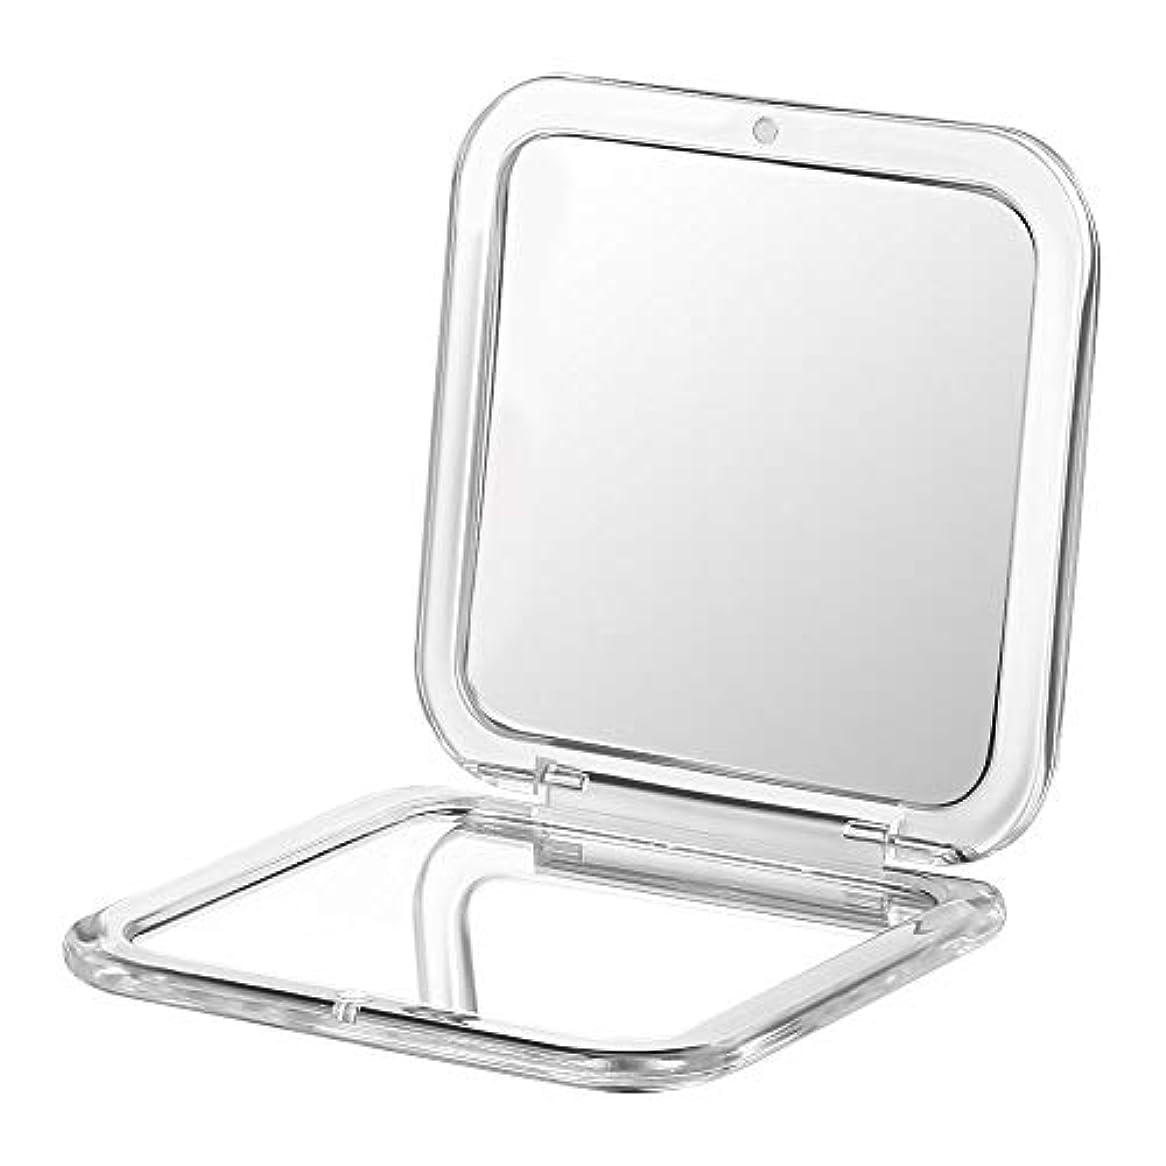 変位狂乱達成可能コンパクト鏡 拡大鏡 両面コンパクトミラー 卓上 10倍 化粧鏡